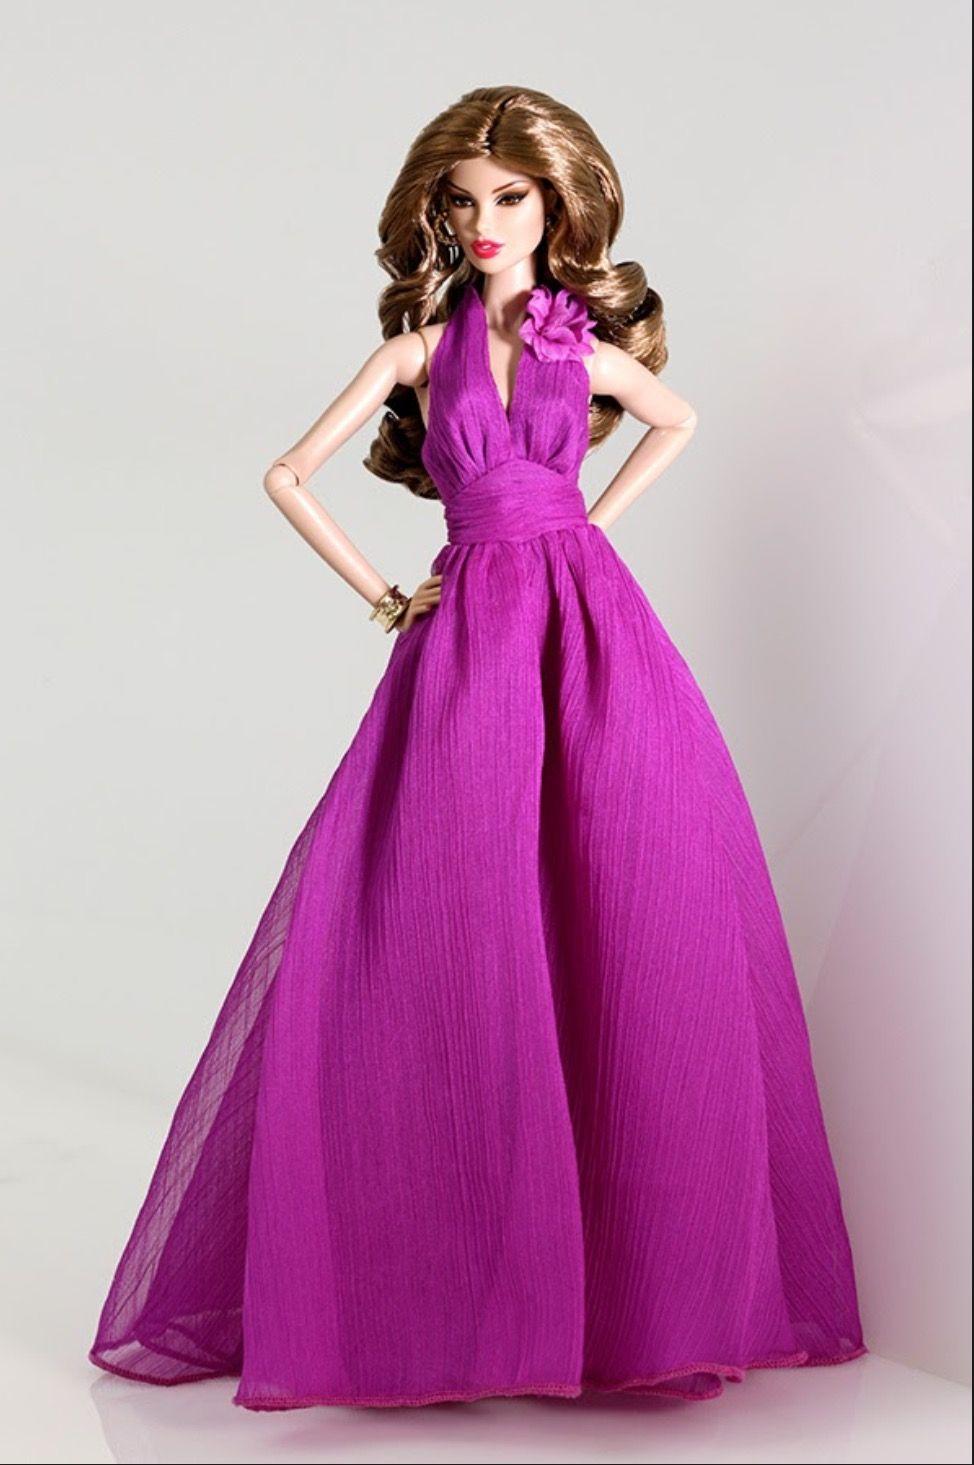 Asombroso Vestidos De Boda Gitana Friso - Colección de Vestidos de ...